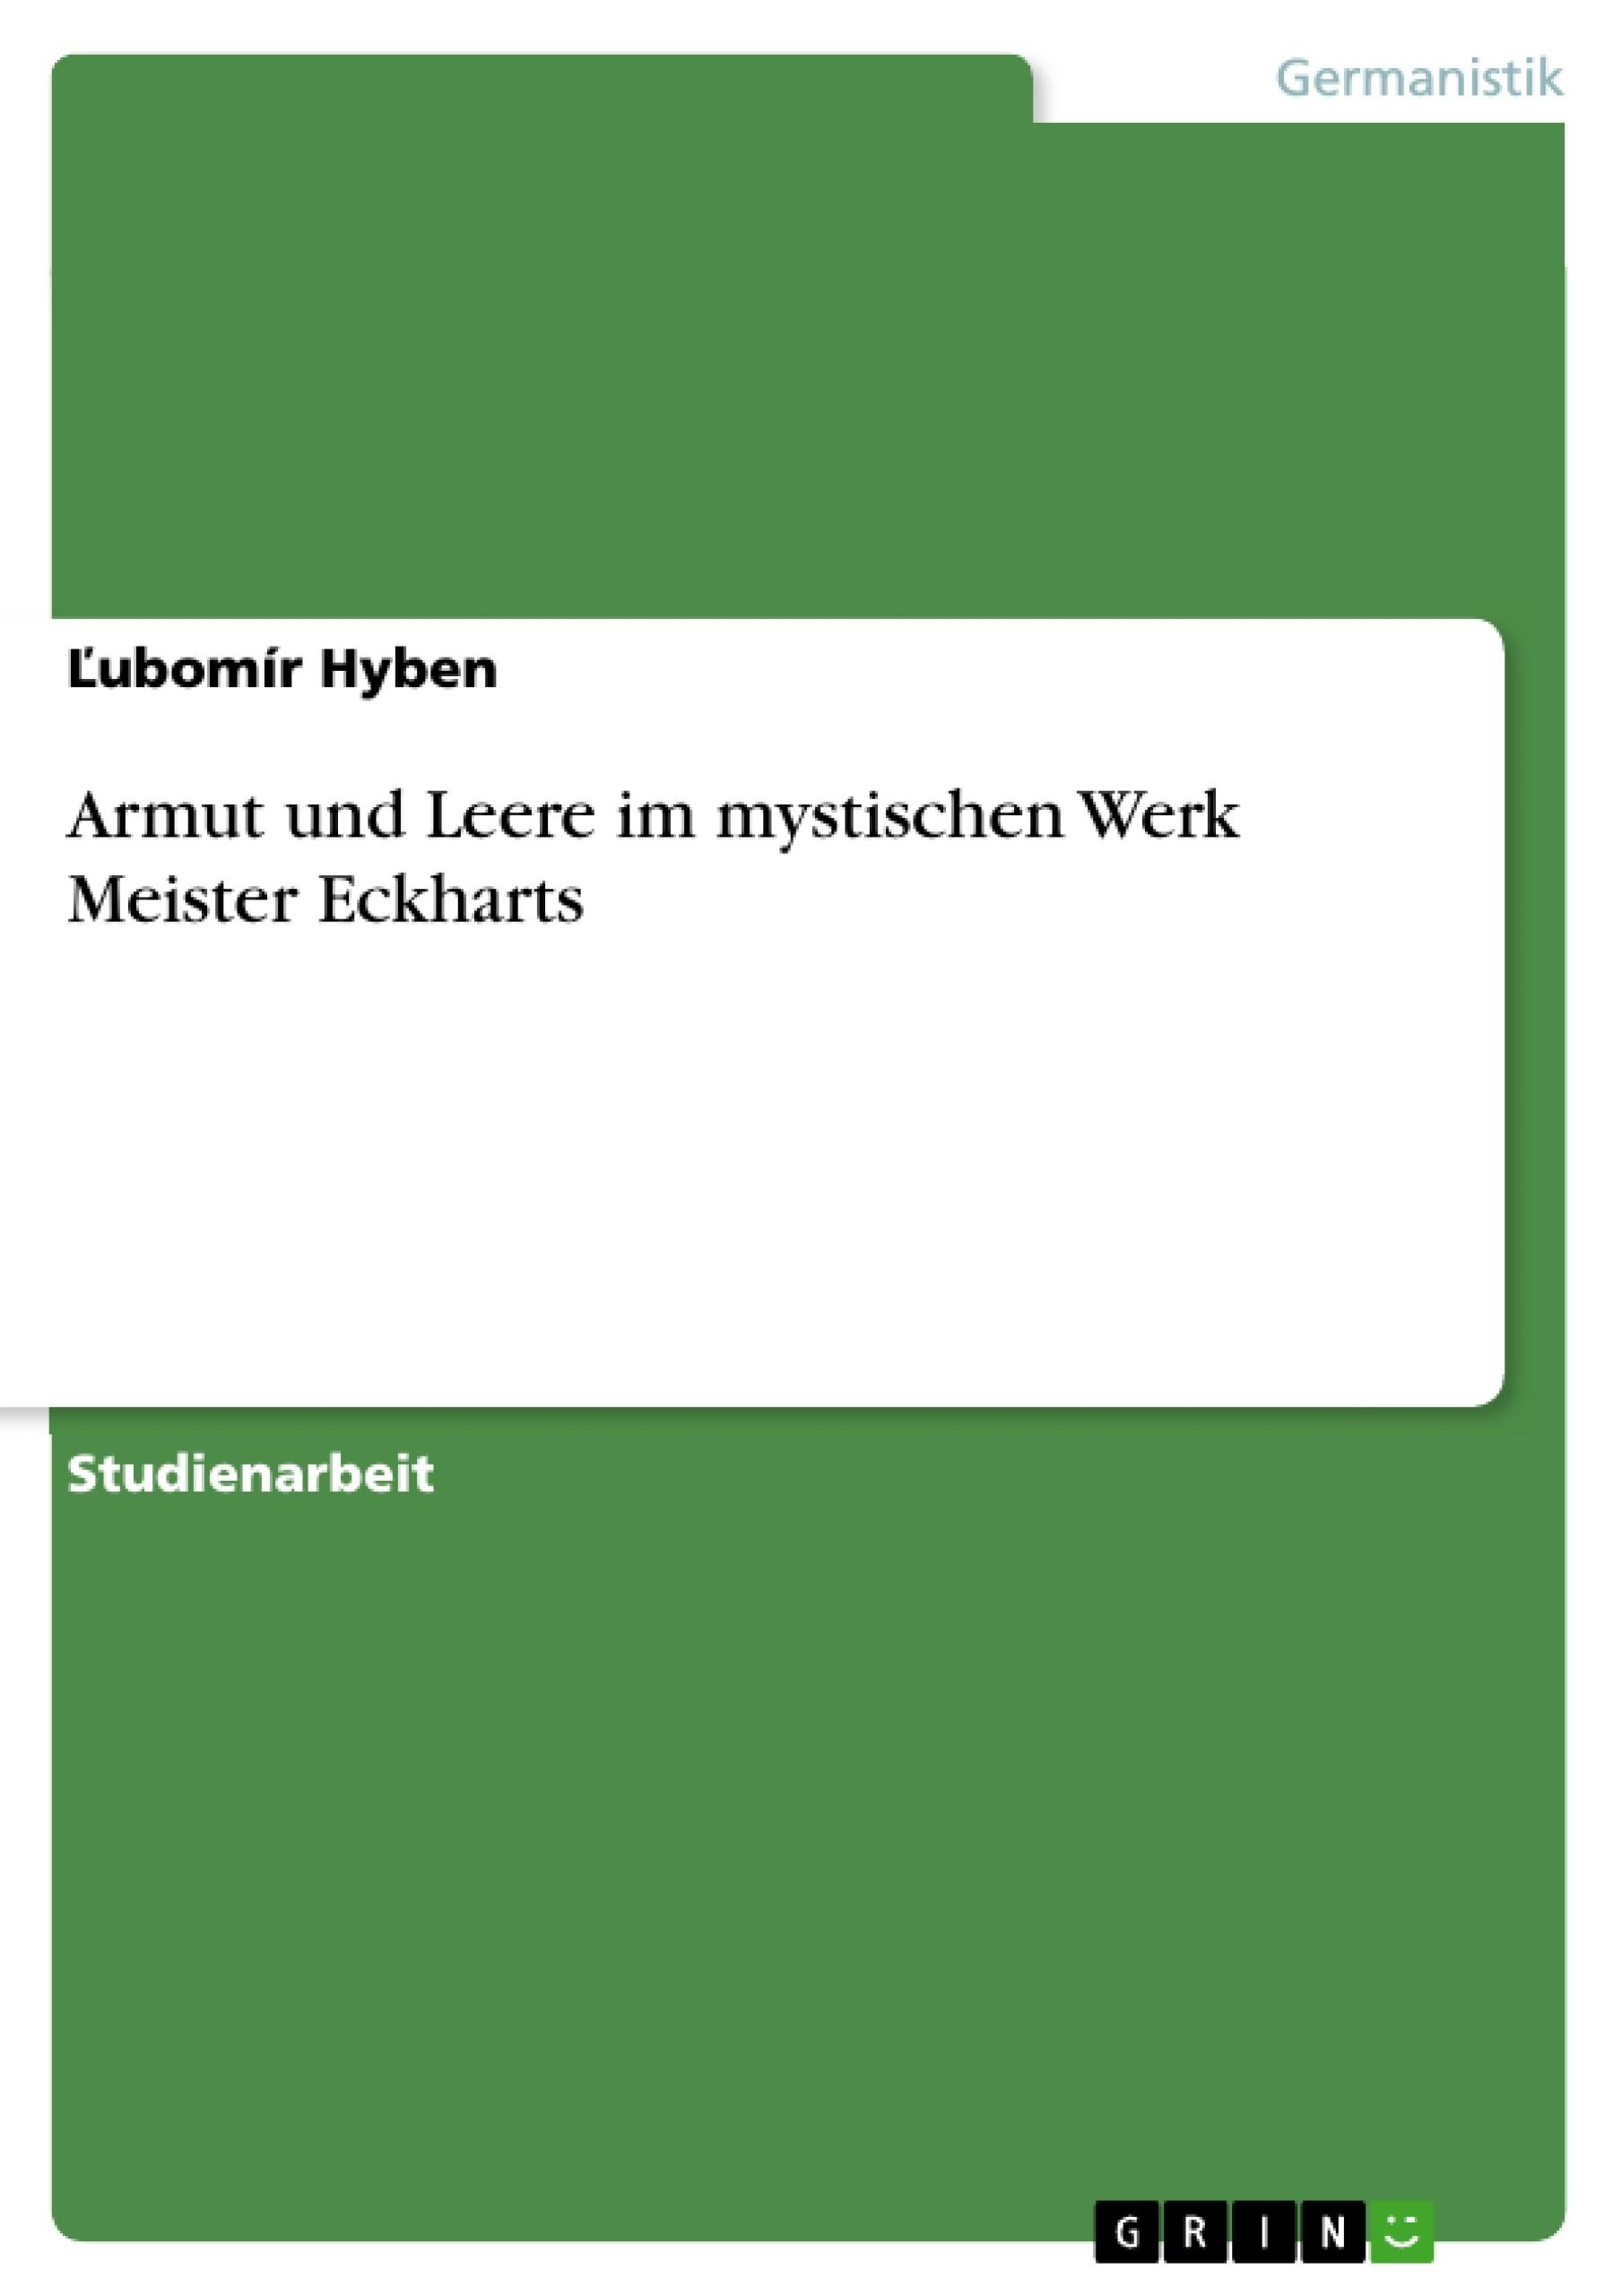 Titel: Armut und Leere im mystischen Werk Meister Eckharts